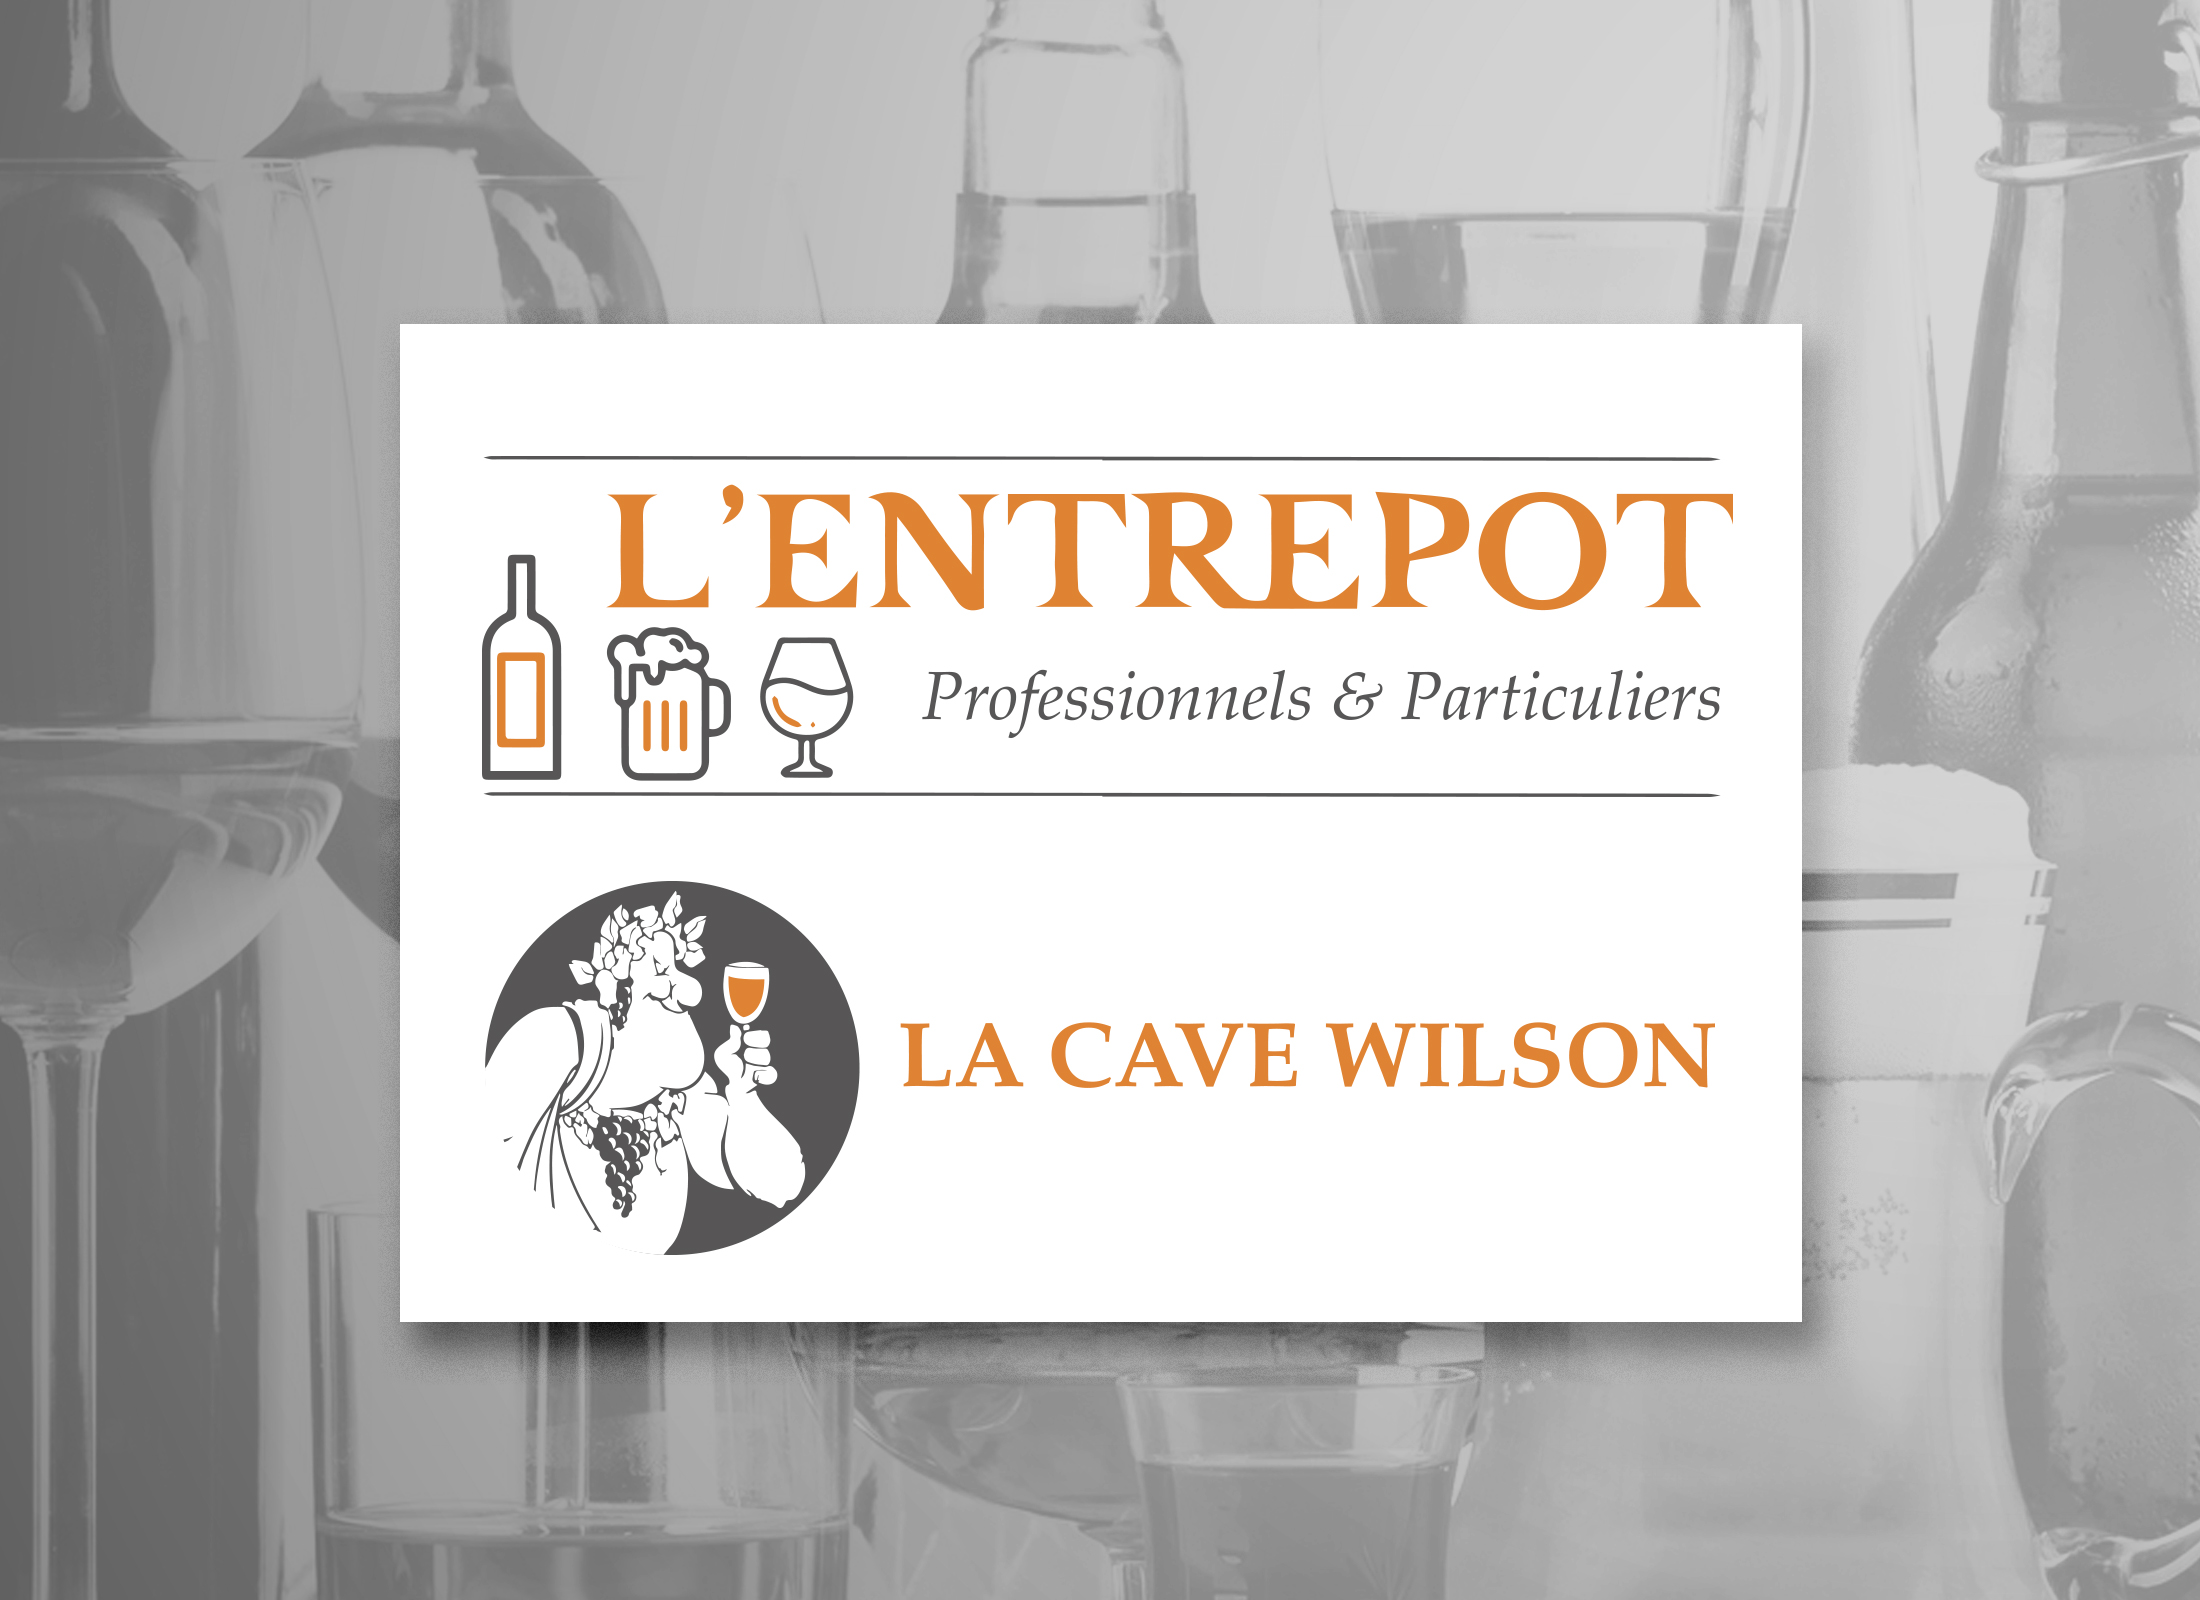 LA CAVE WILSON & L'ENTREPOT